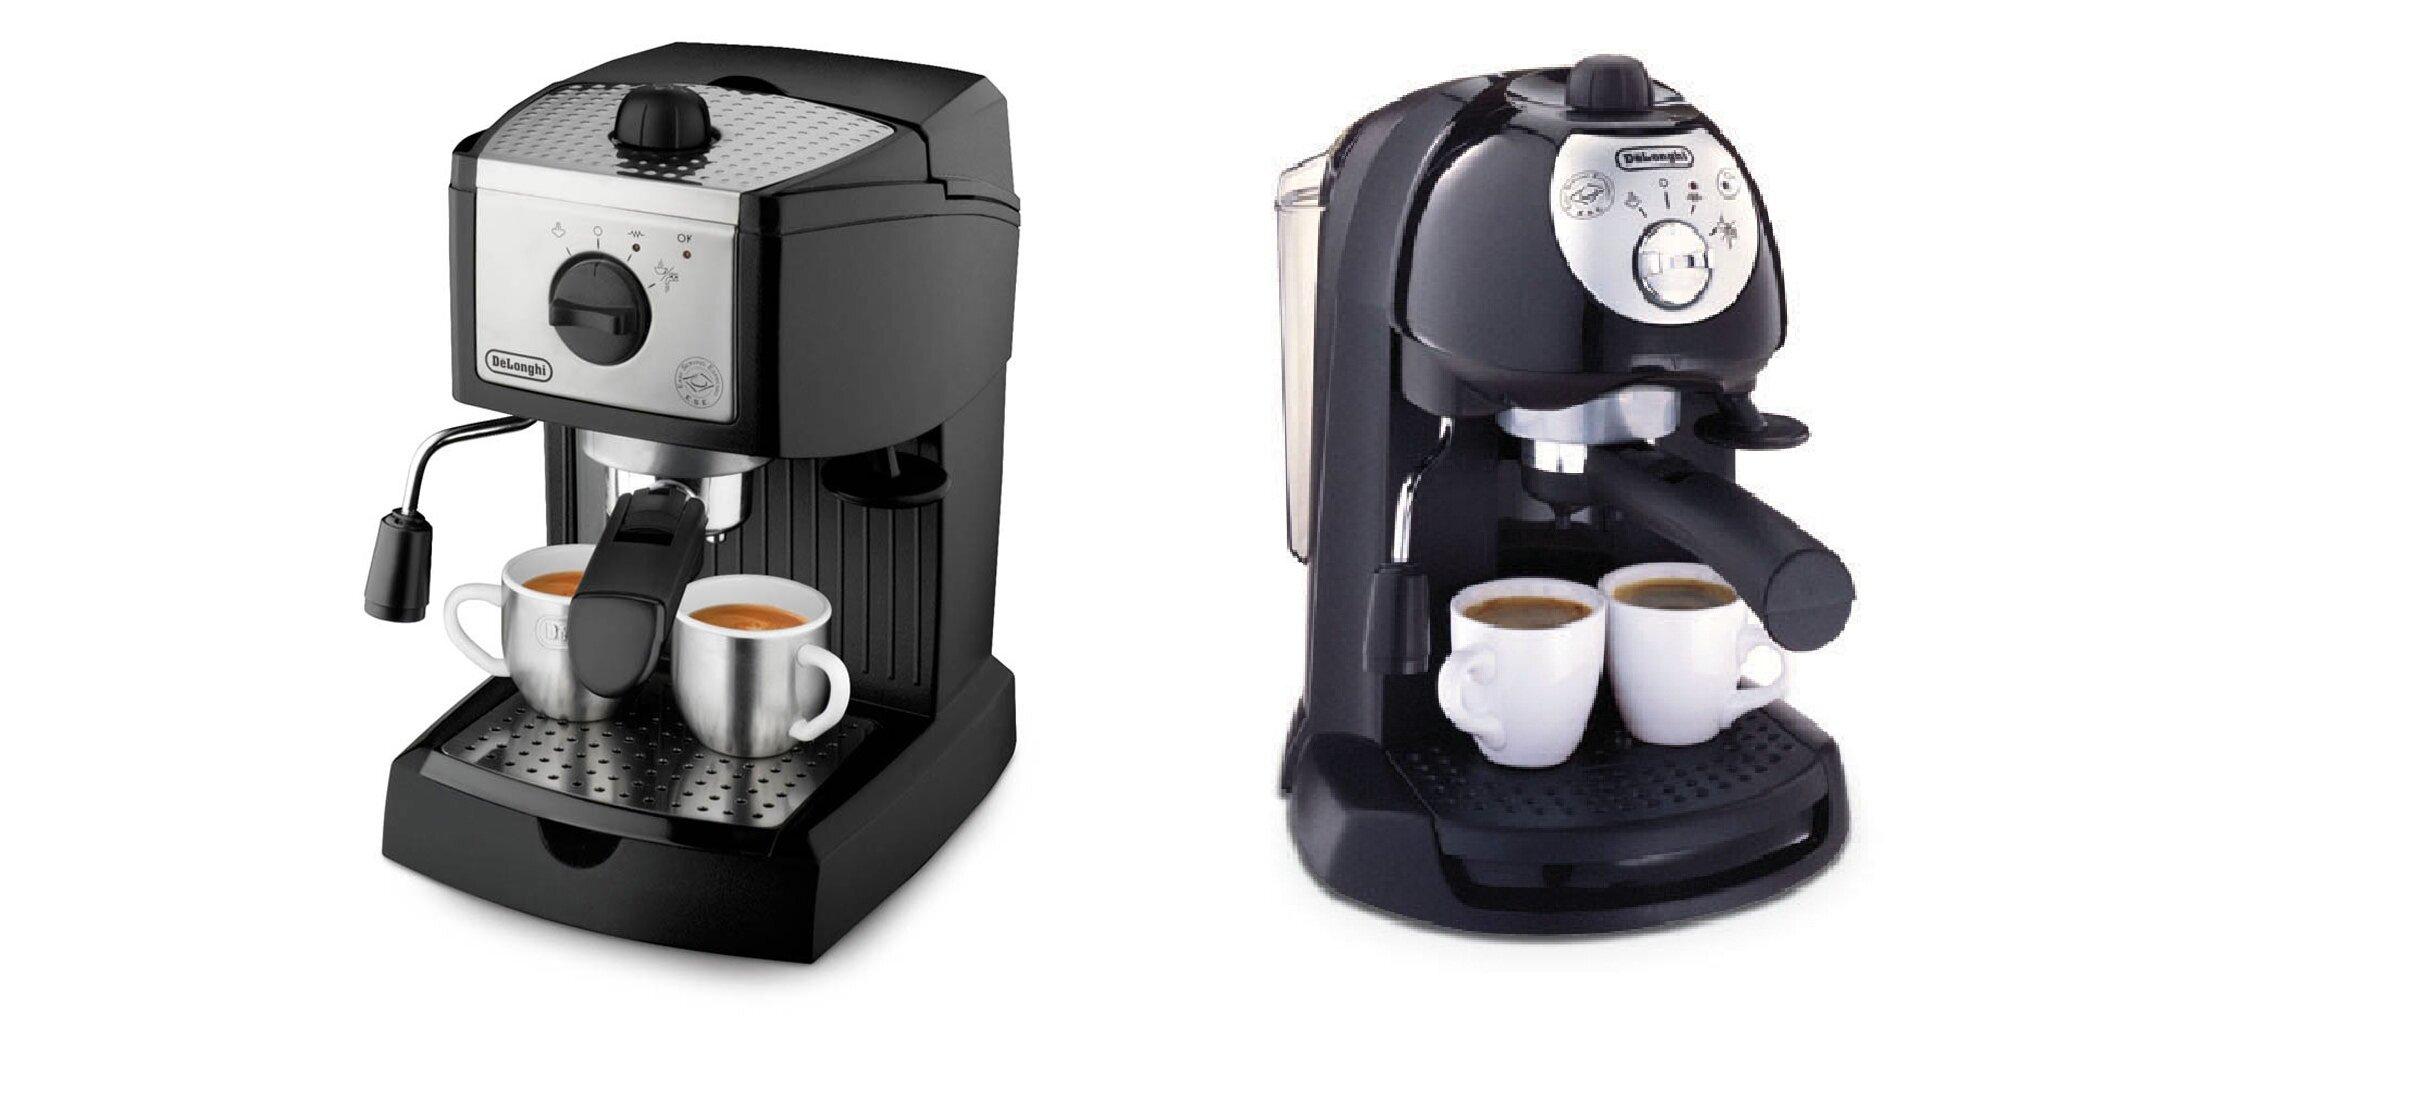 Máy pha cà phê DeLonghi EC155 cho ngày mới đạt hiệu quả